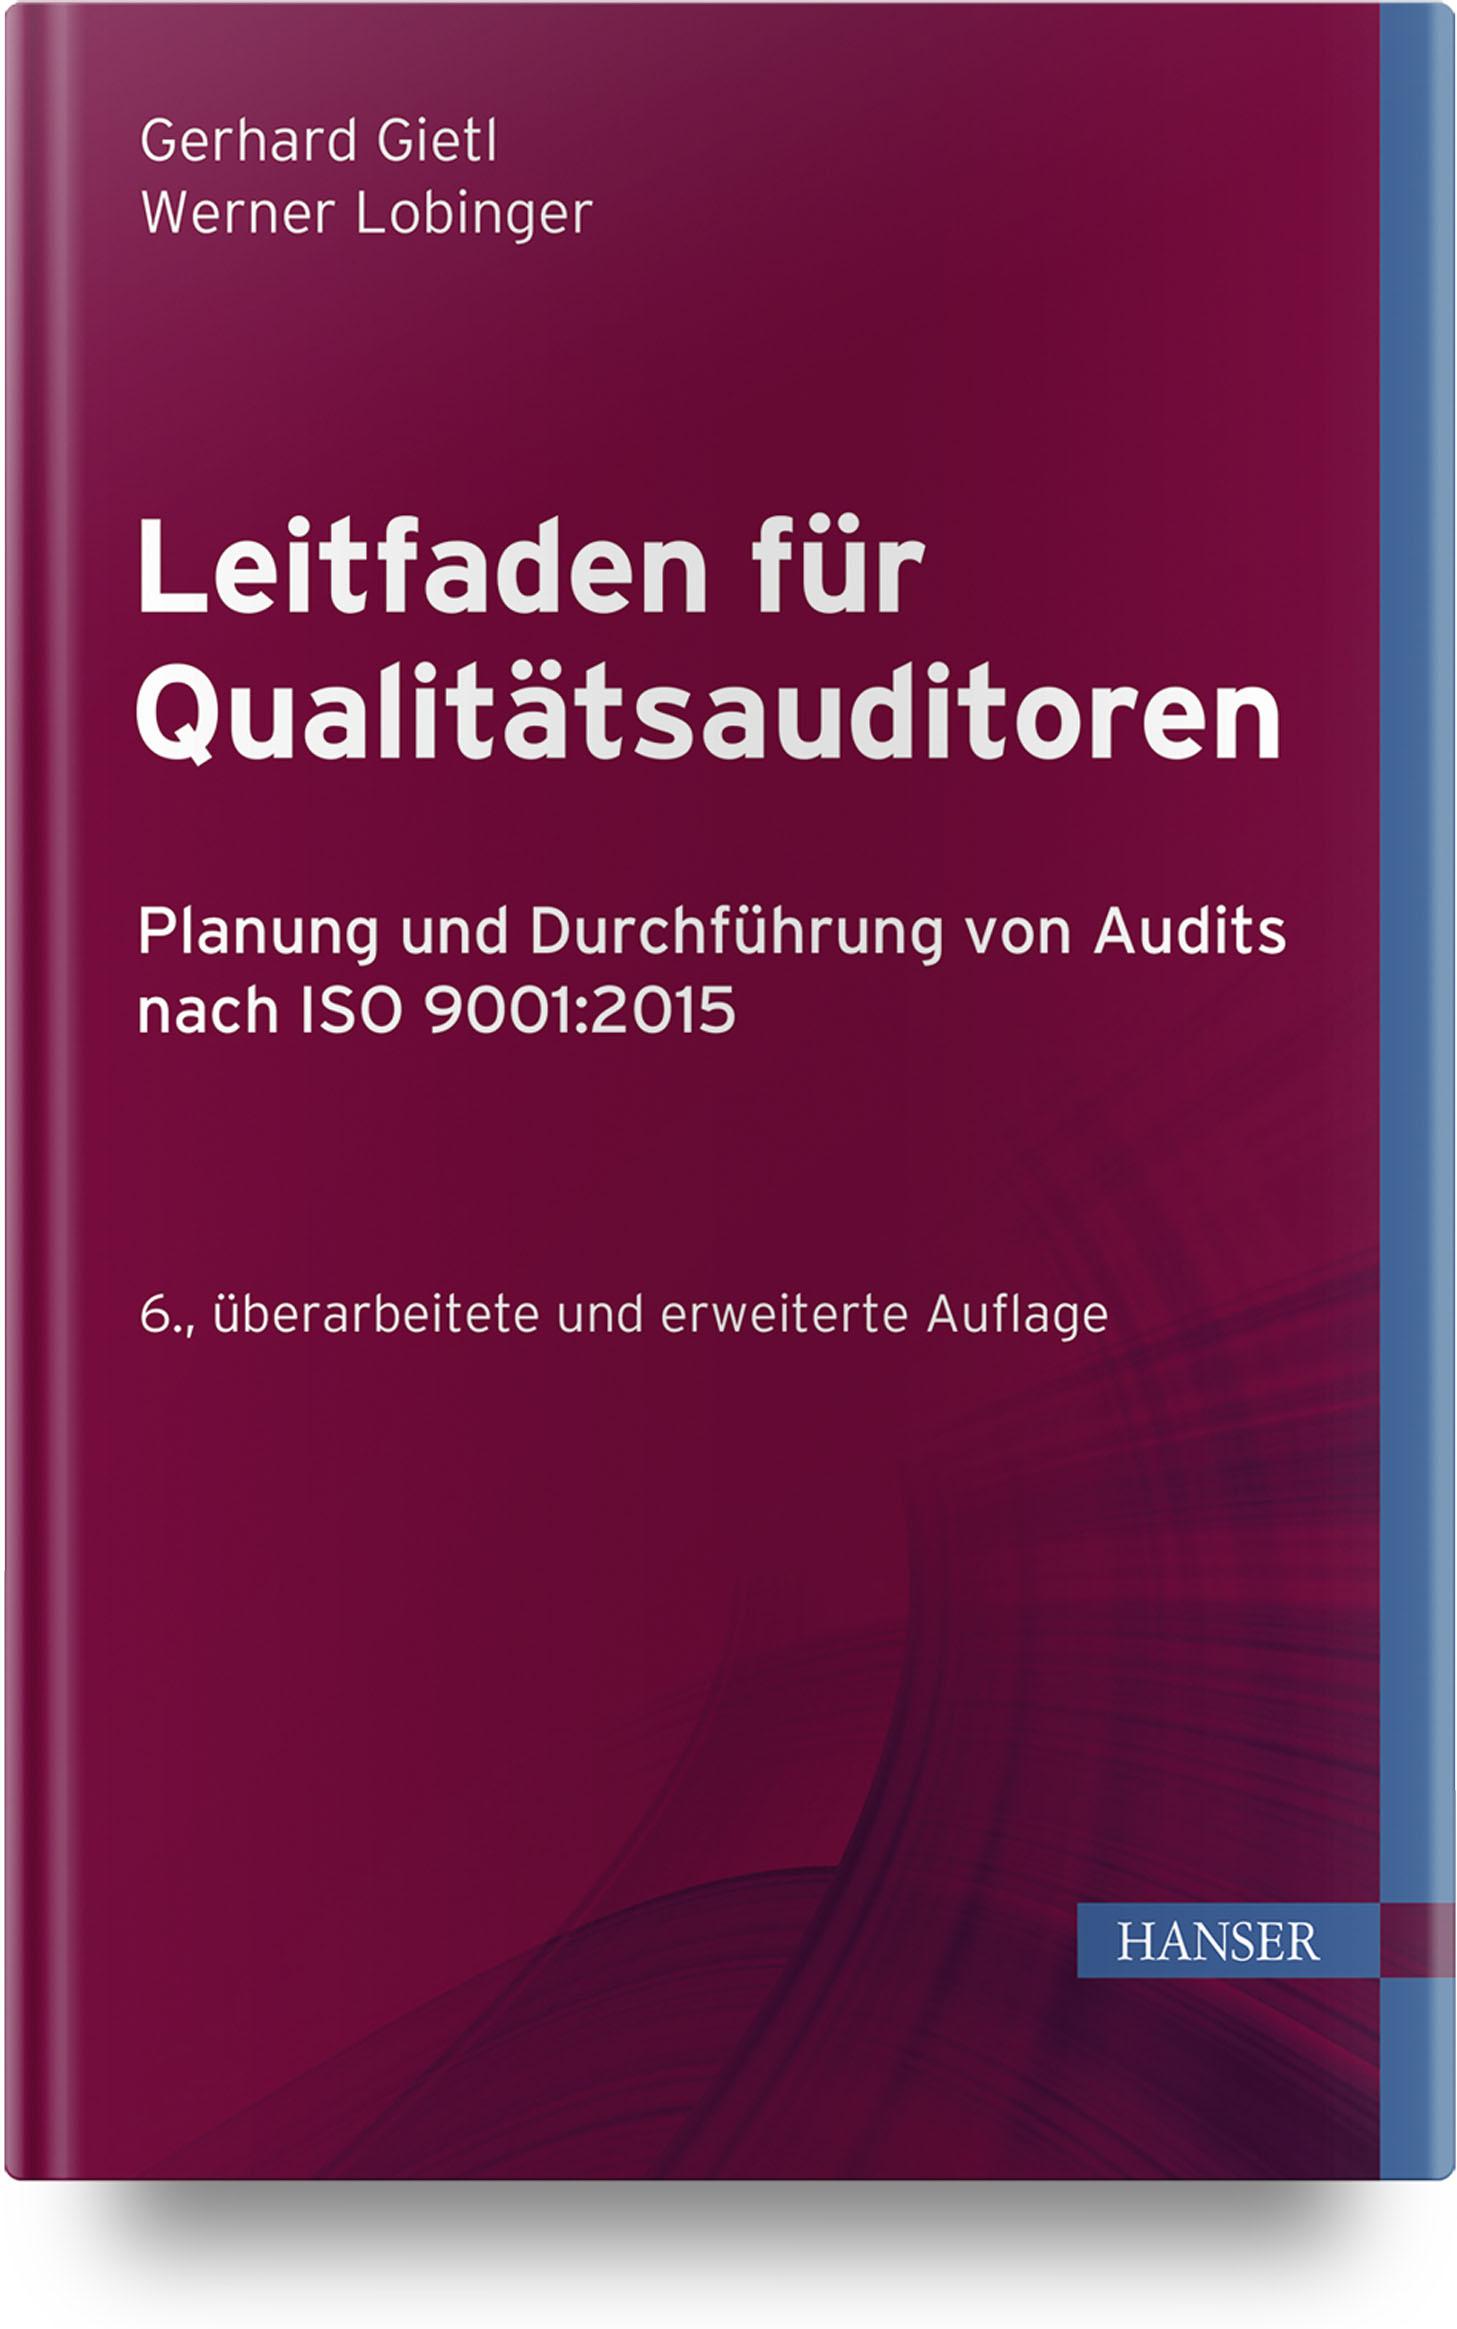 Gietl, Lobinger, Leitfaden für Qualitätsauditoren, 978-3-446-45941-0